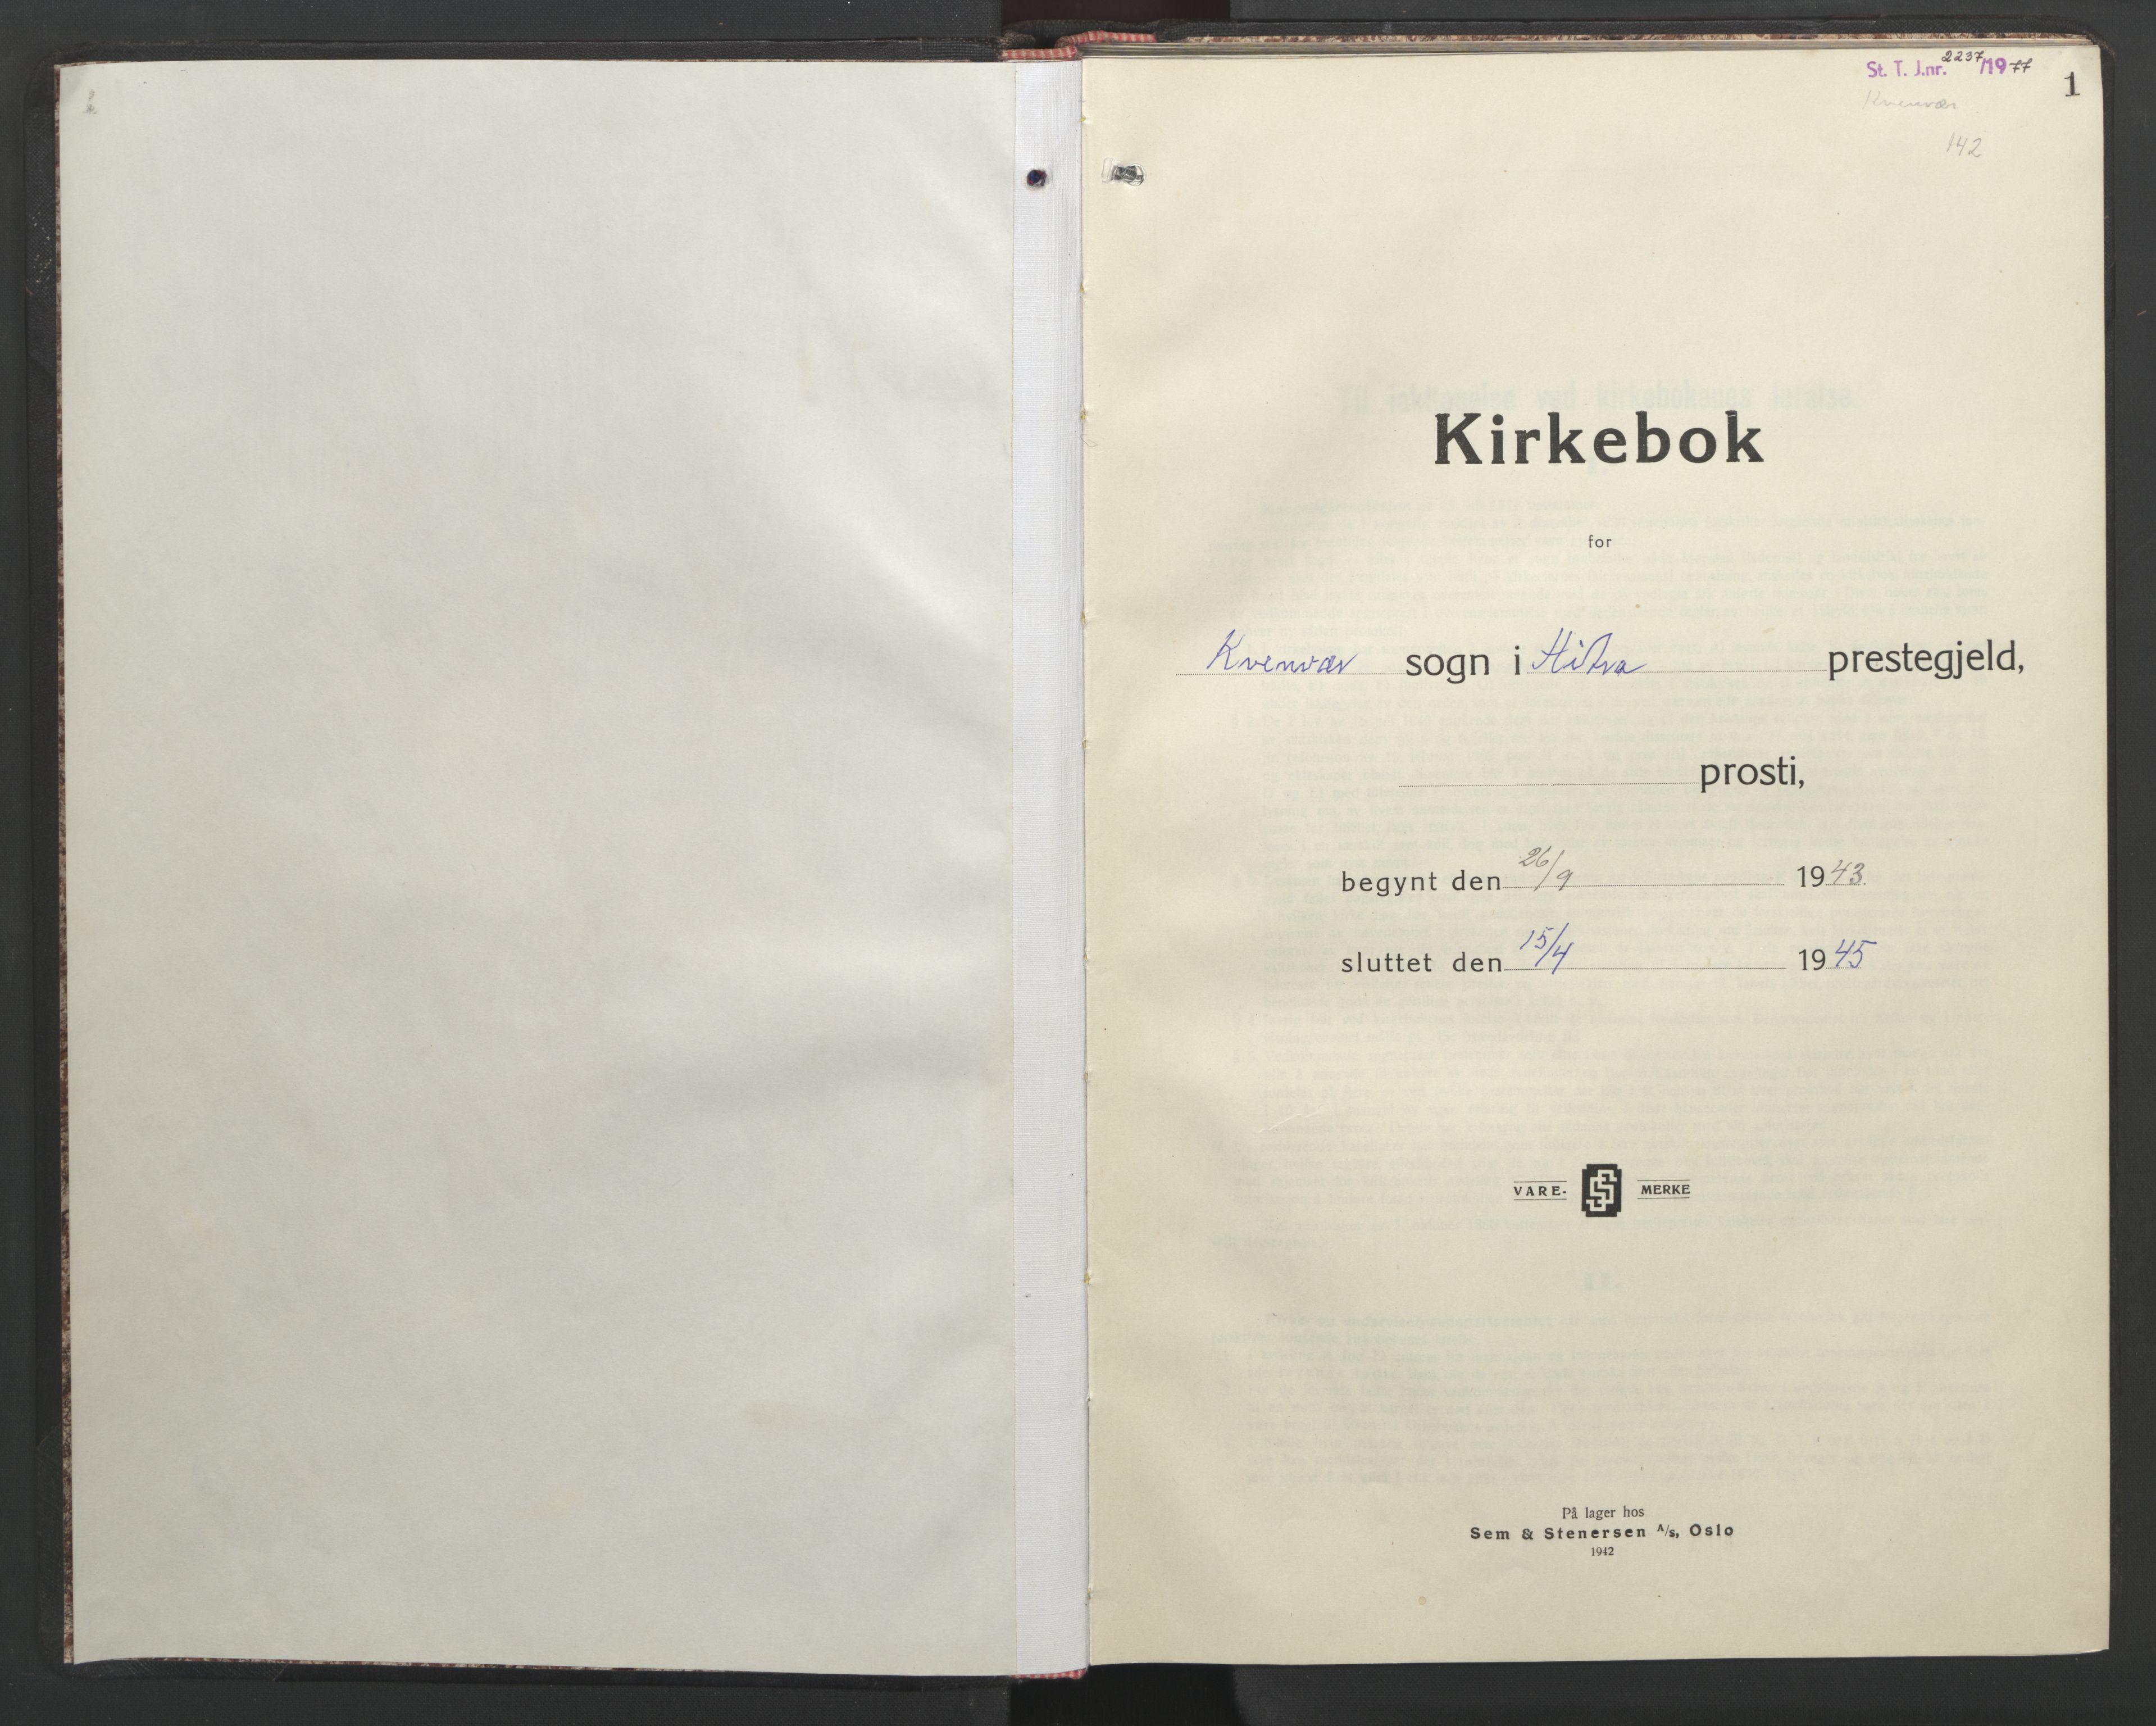 SAT, Ministerialprotokoller, klokkerbøker og fødselsregistre - Sør-Trøndelag, 635/L0556: Klokkerbok nr. 635C04, 1943-1945